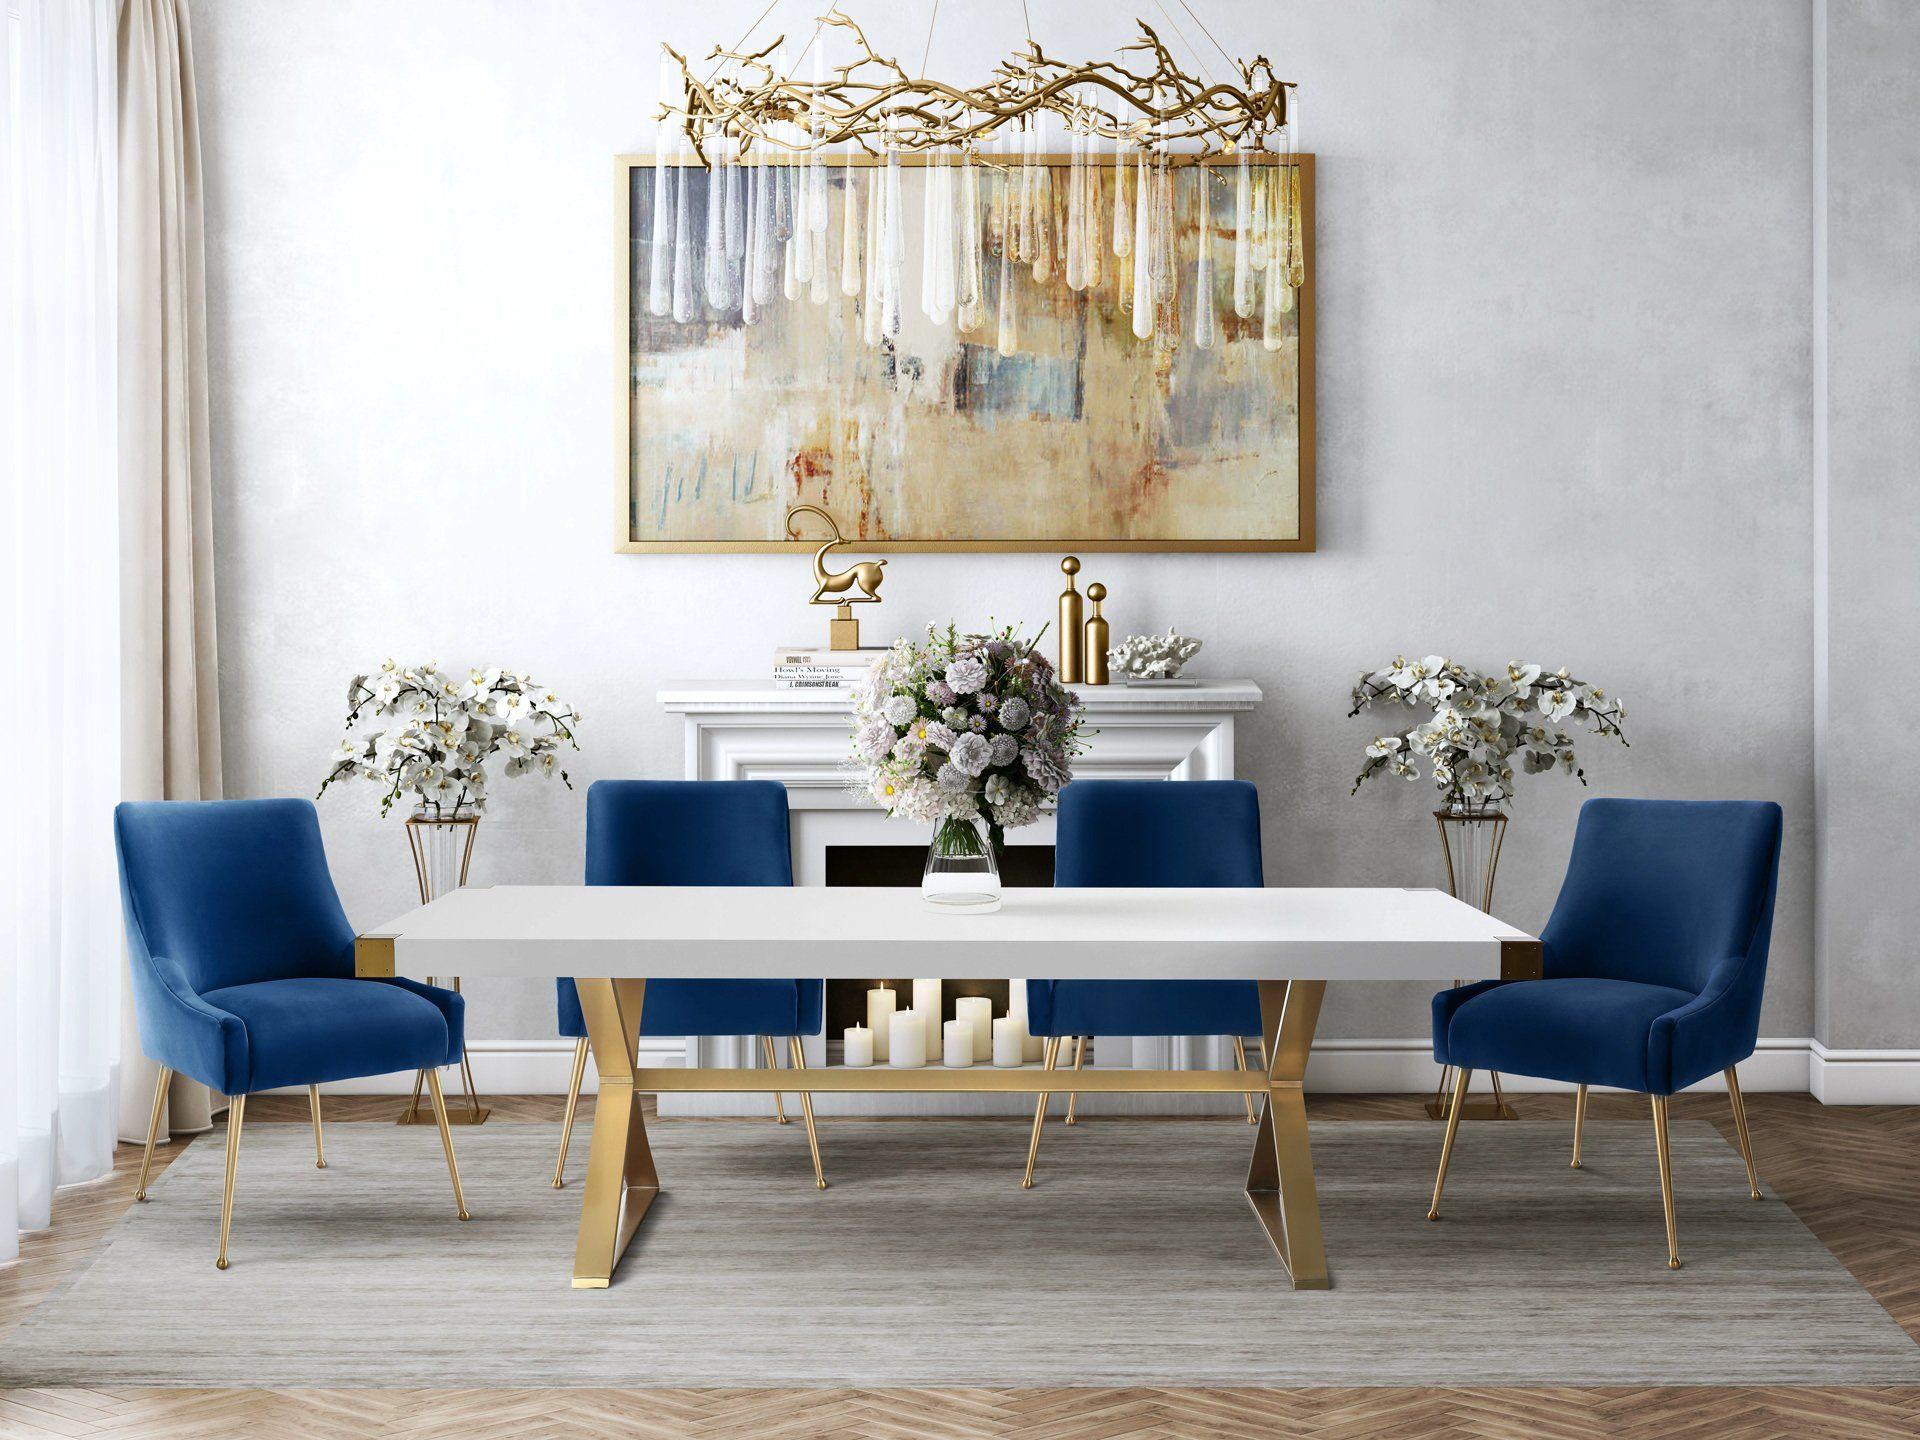 Tov Furniture Modern Adeline White Gold Rectangular Dining Table